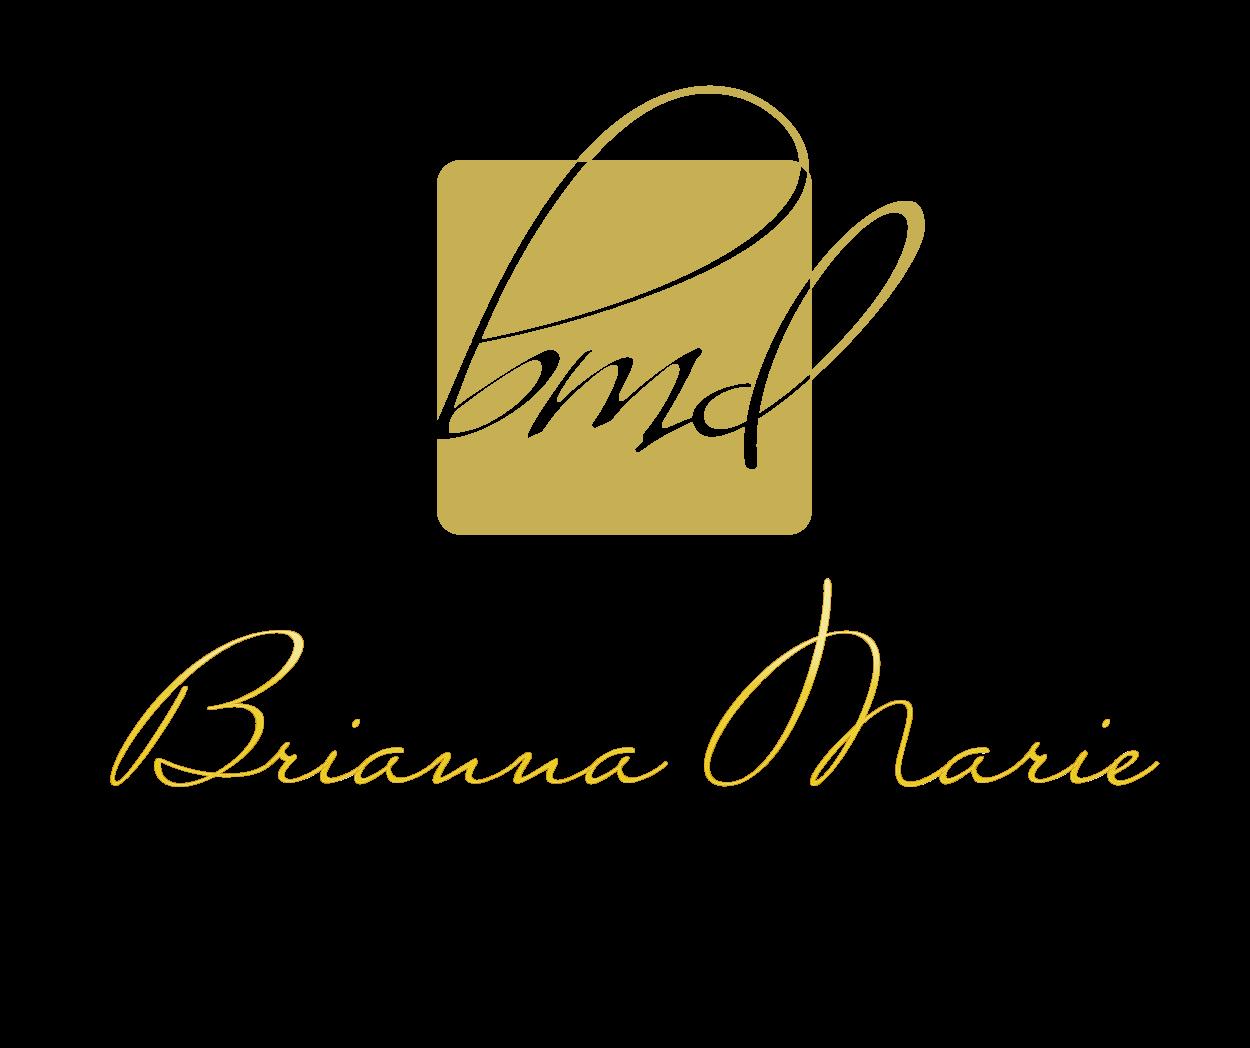 Brianna Hurteau